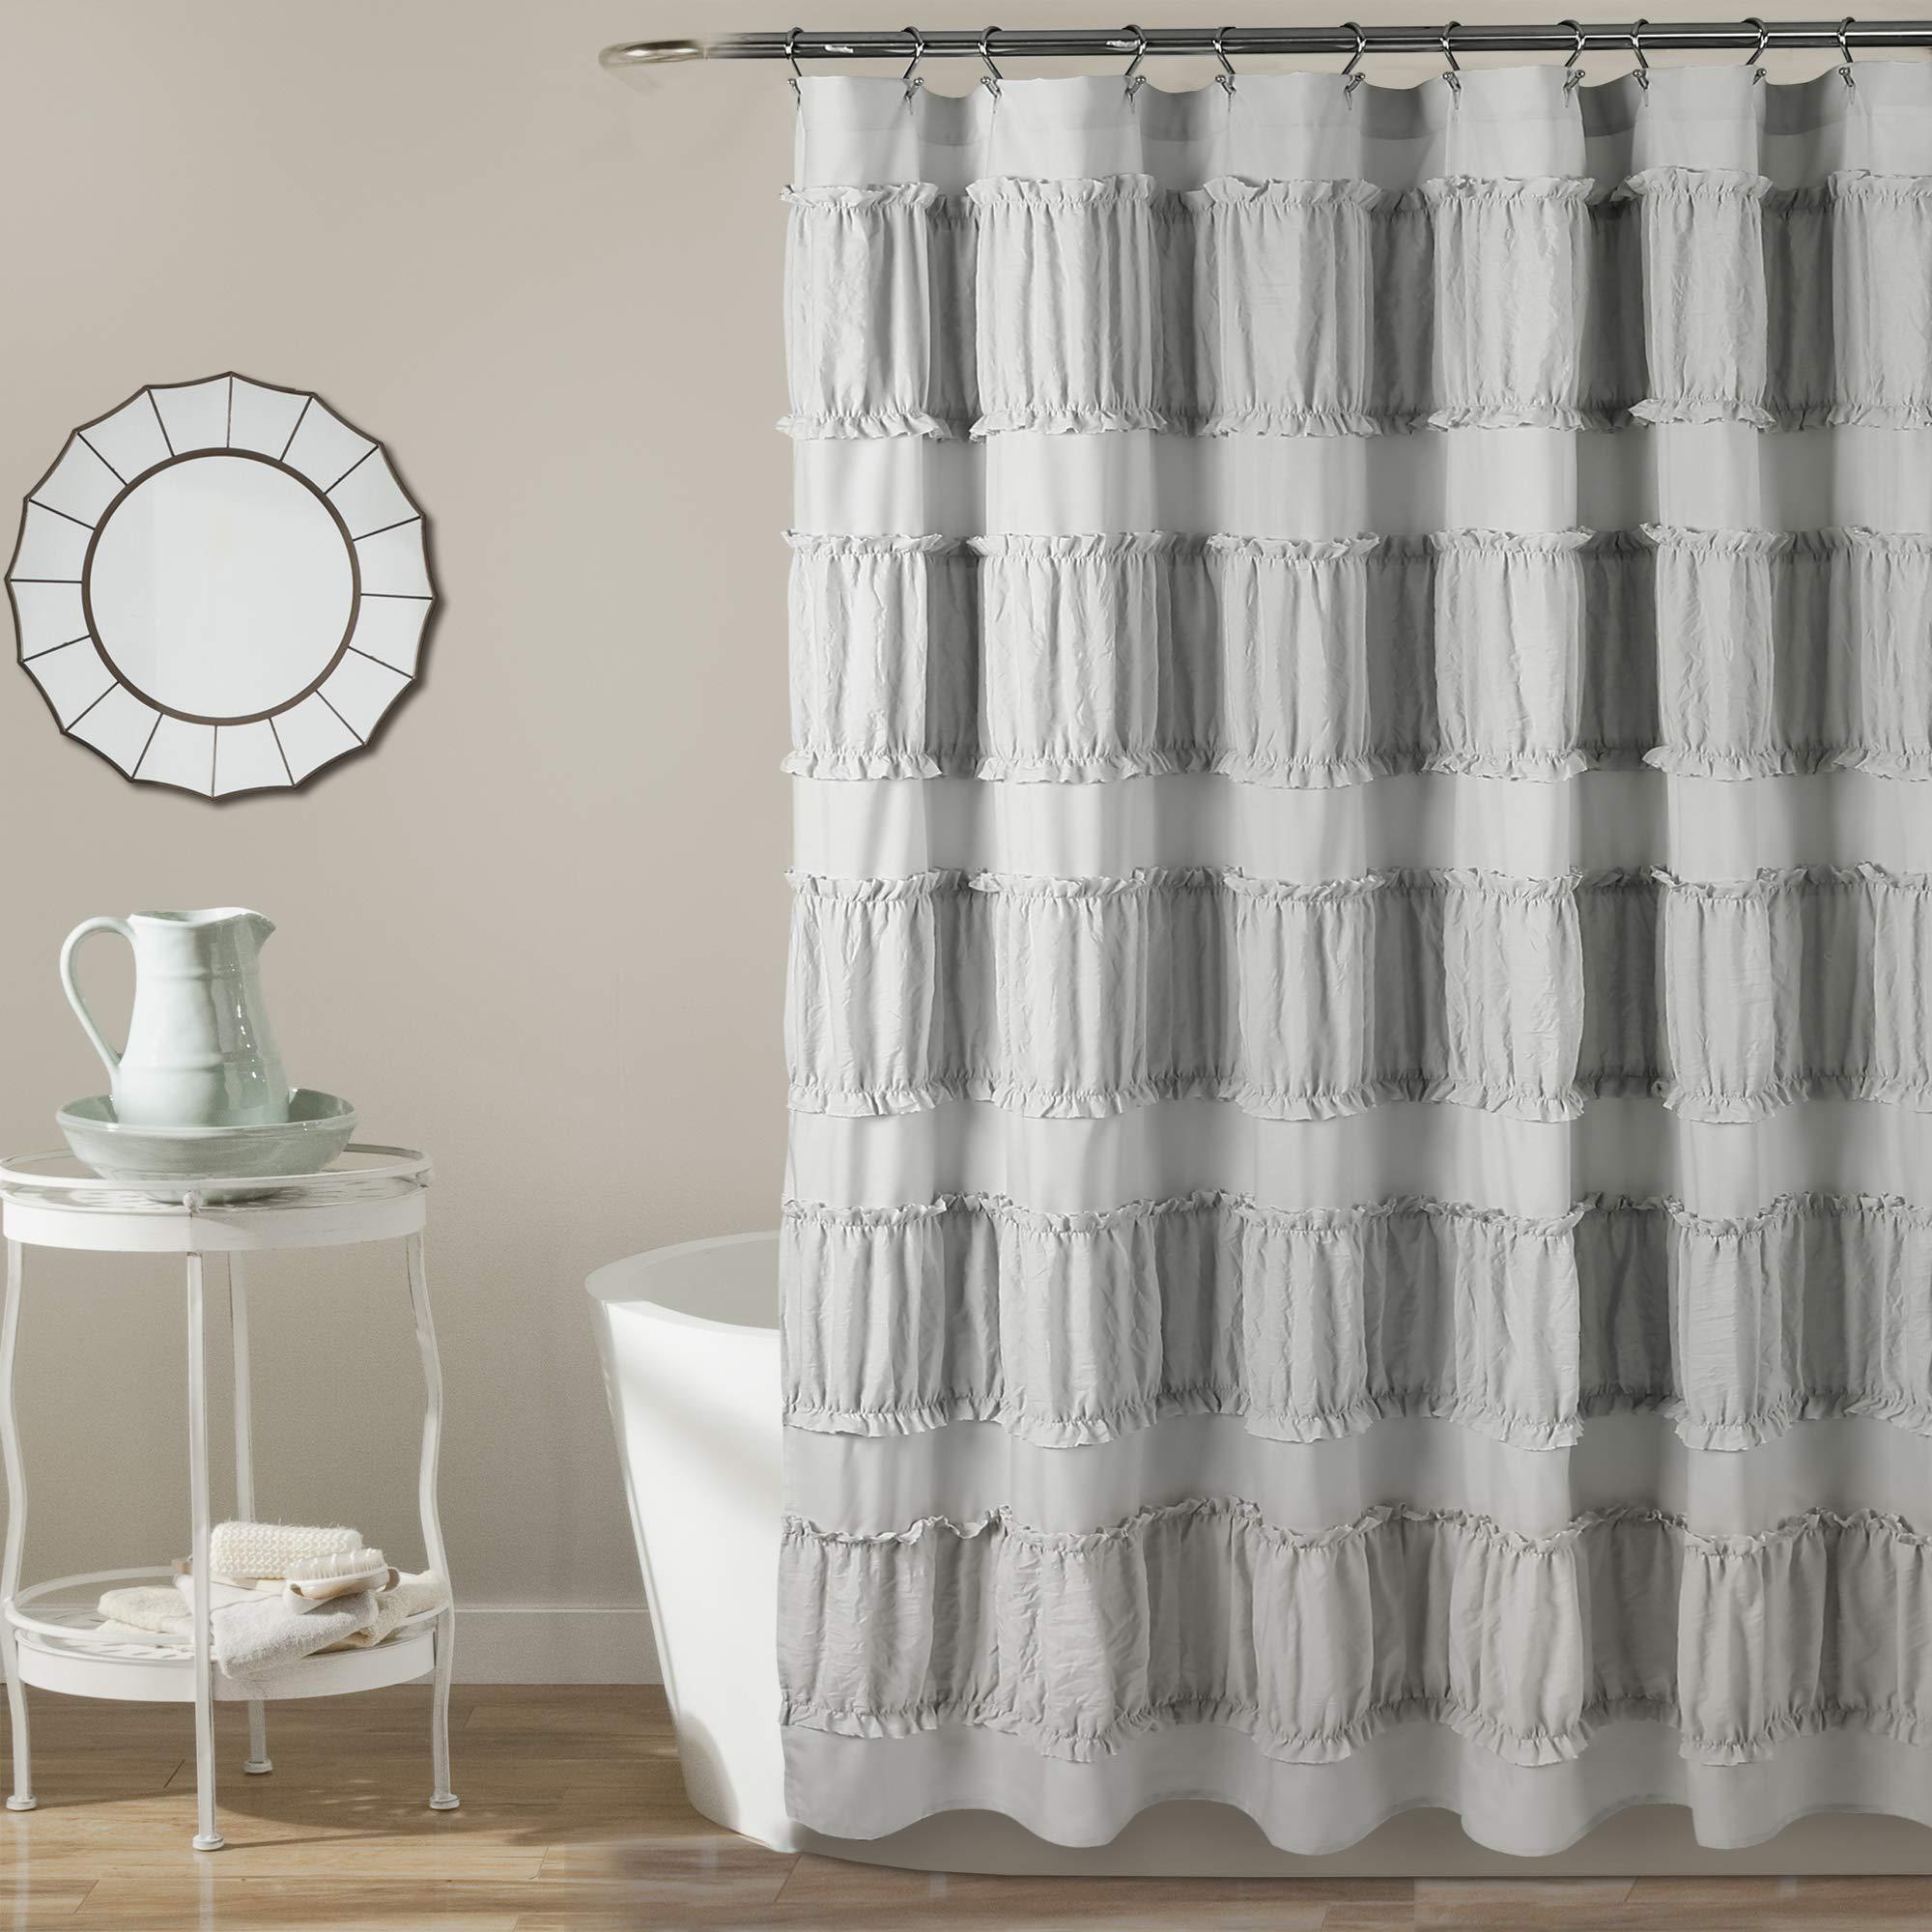 Lush Decor Nova Ruffle Shower Curtain, 72'' x 72'', Gray